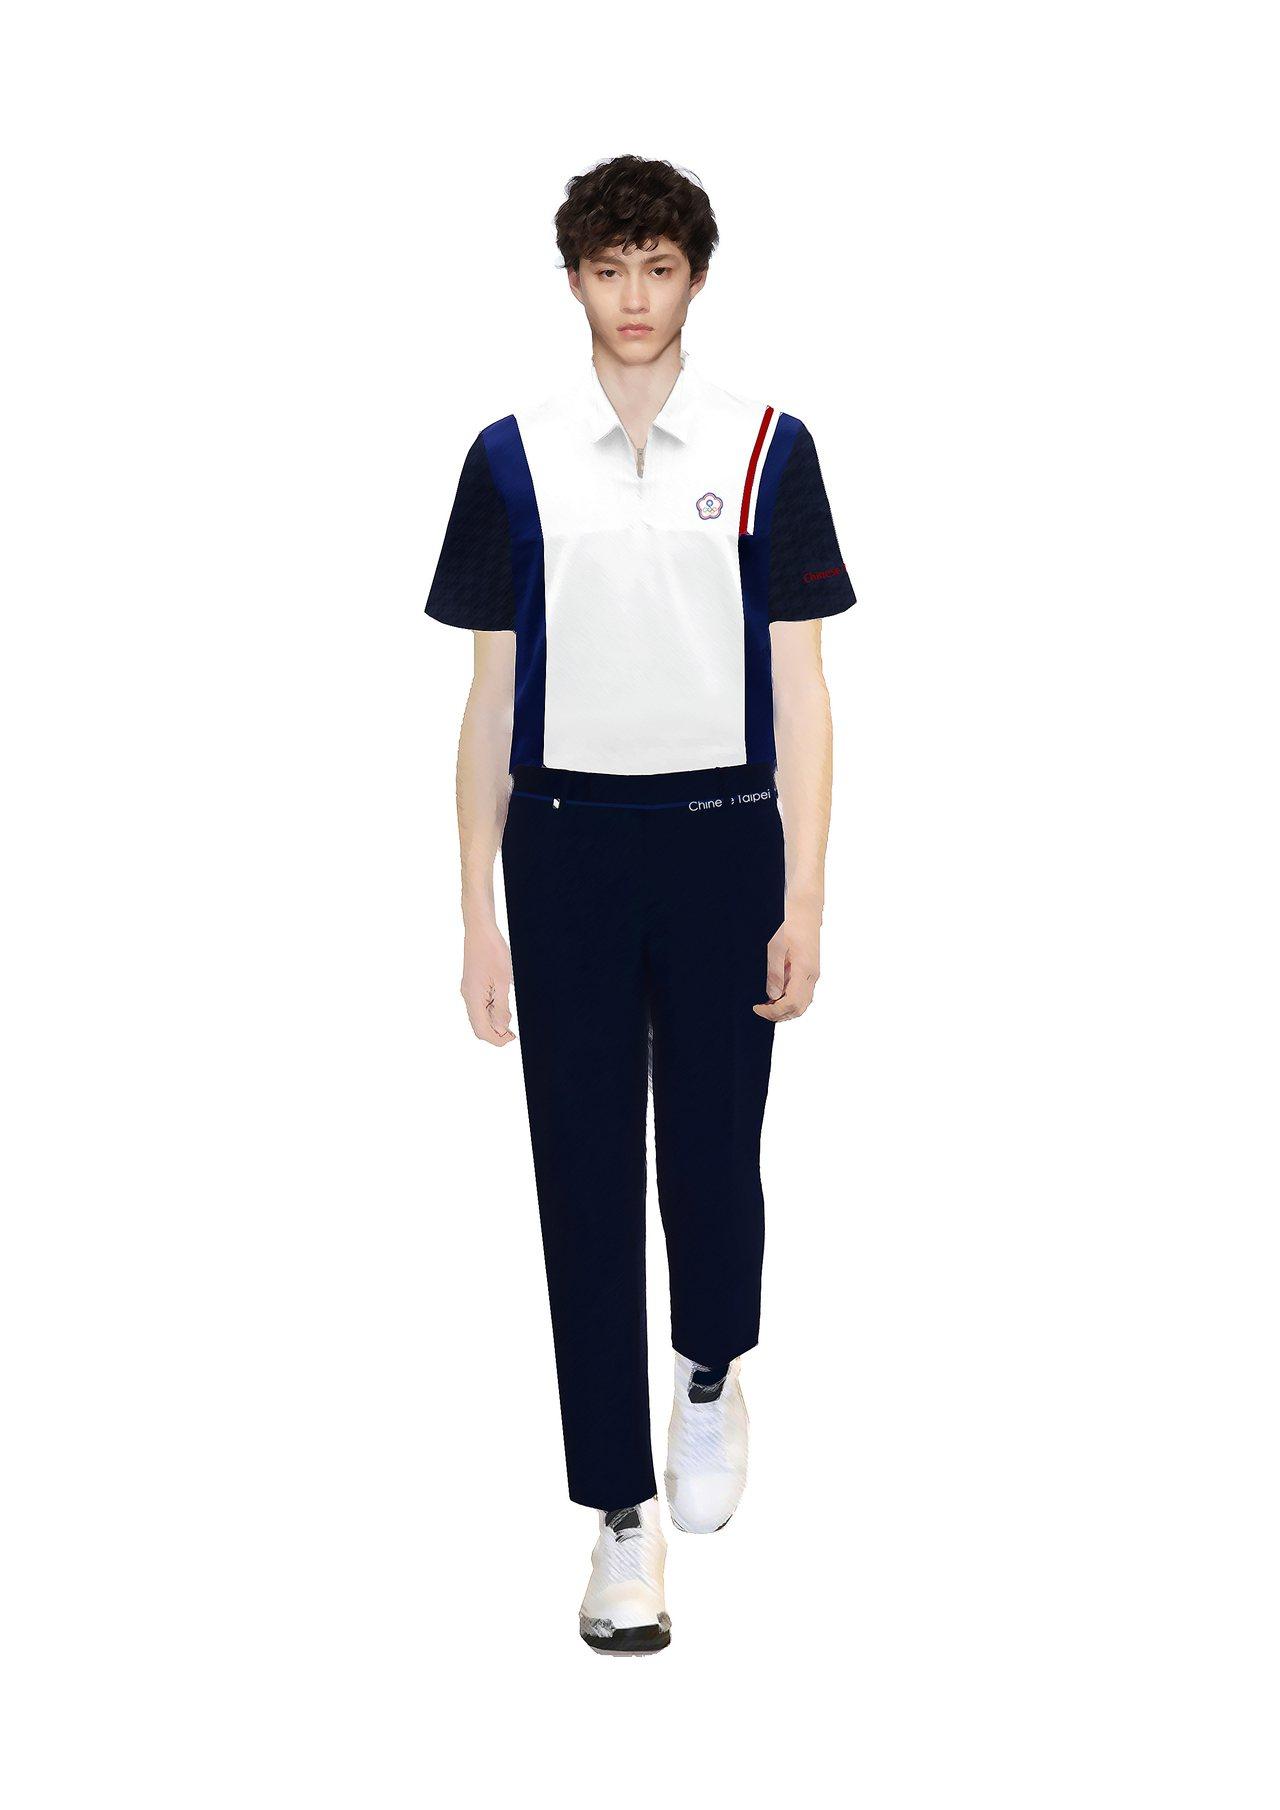 2020年東京奧運中華代表團的進場服裝,由周裕穎操刀設計,以環保機能布料、修身剪...